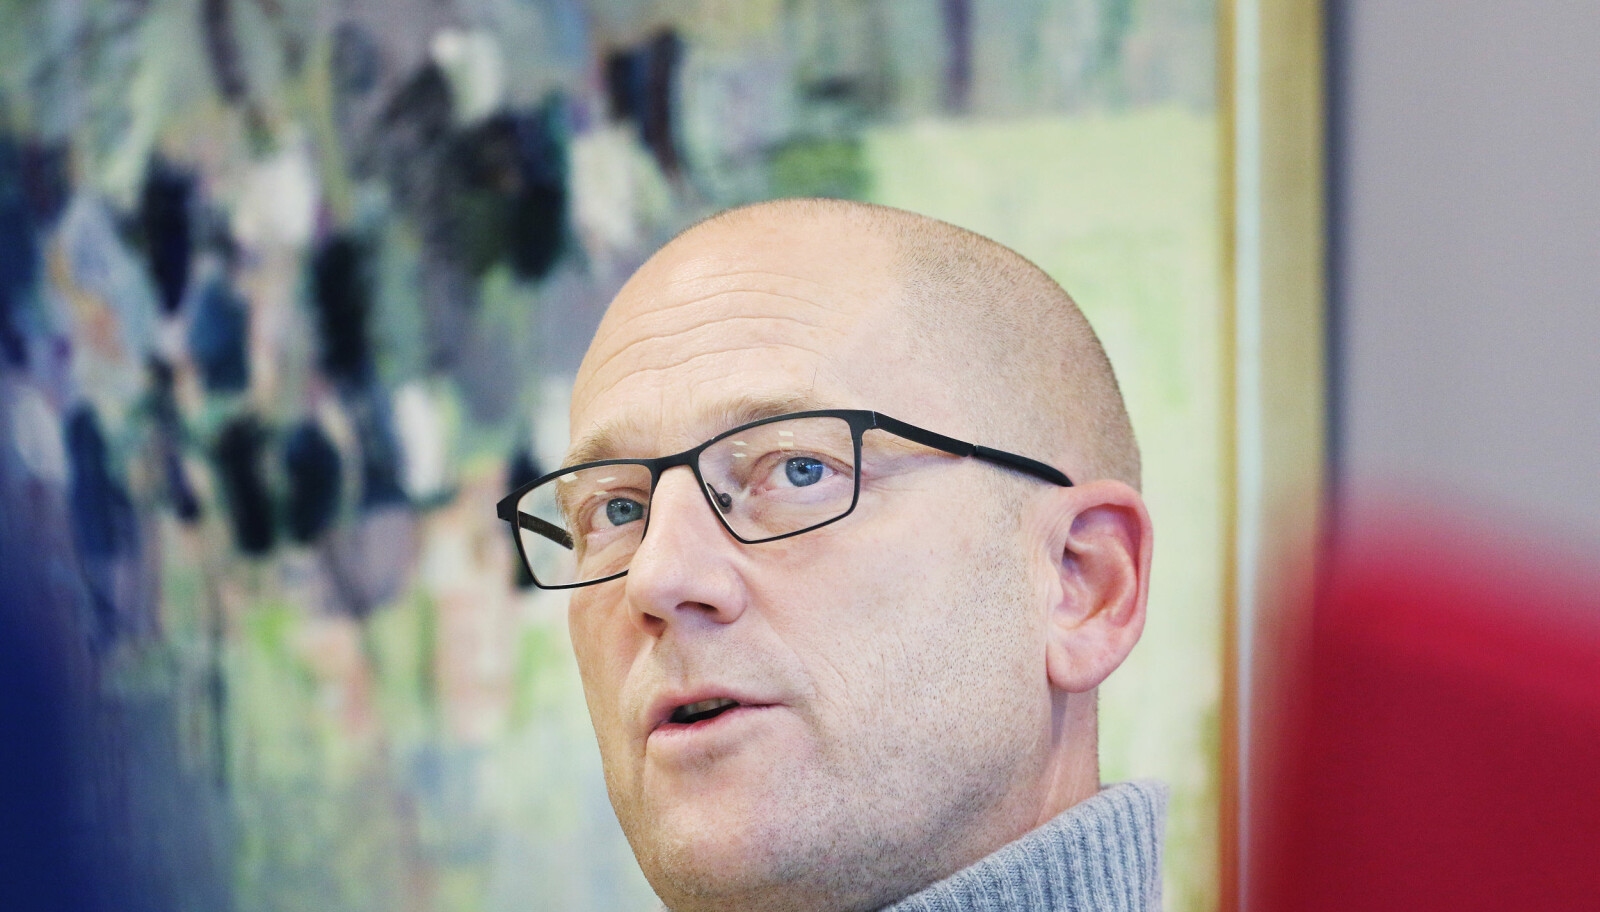 Vi er helt prisgitt at organisasjonsdemokratiet fungerer godt, sier Utdanningsforbundets leder Steffen Handal. Foto. Jørgen Jelstad